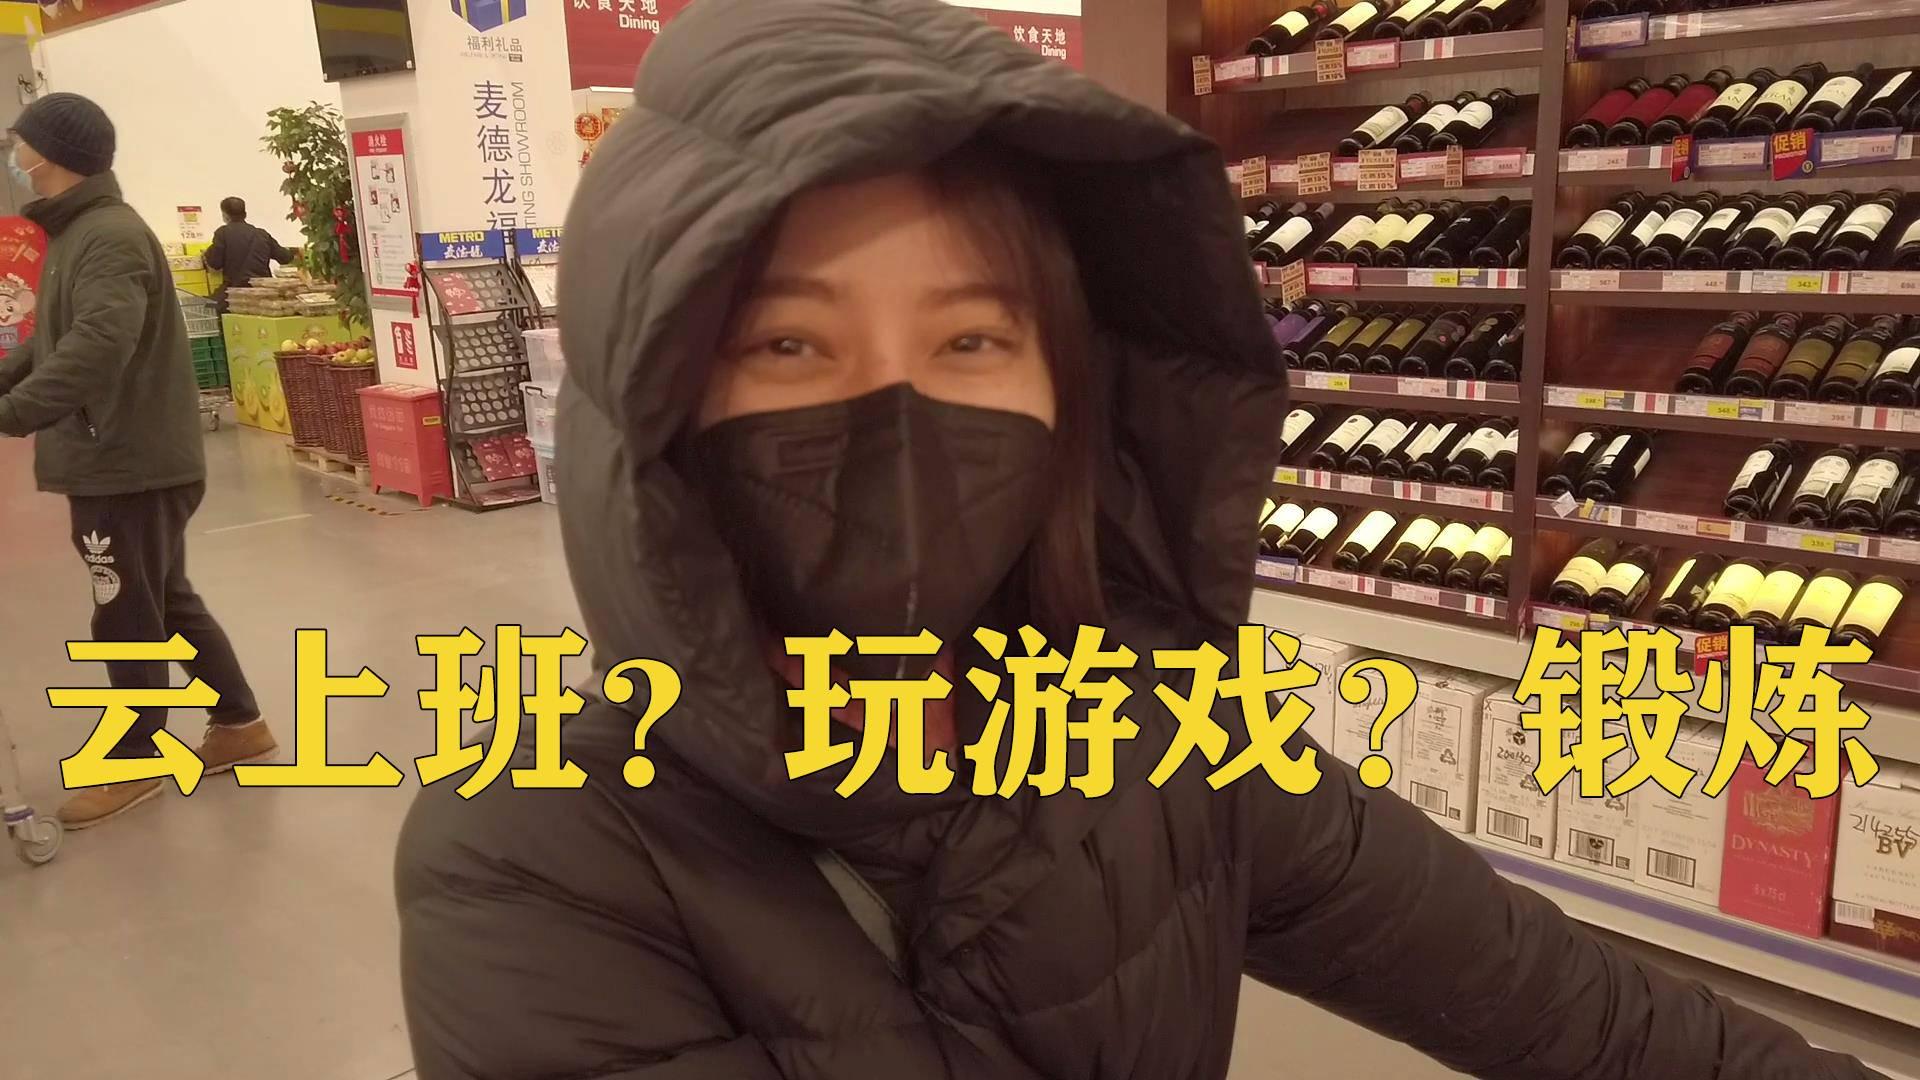 【武汉观察Vlog13】随机问了20个武汉人,他们憋在家里都干啥了?